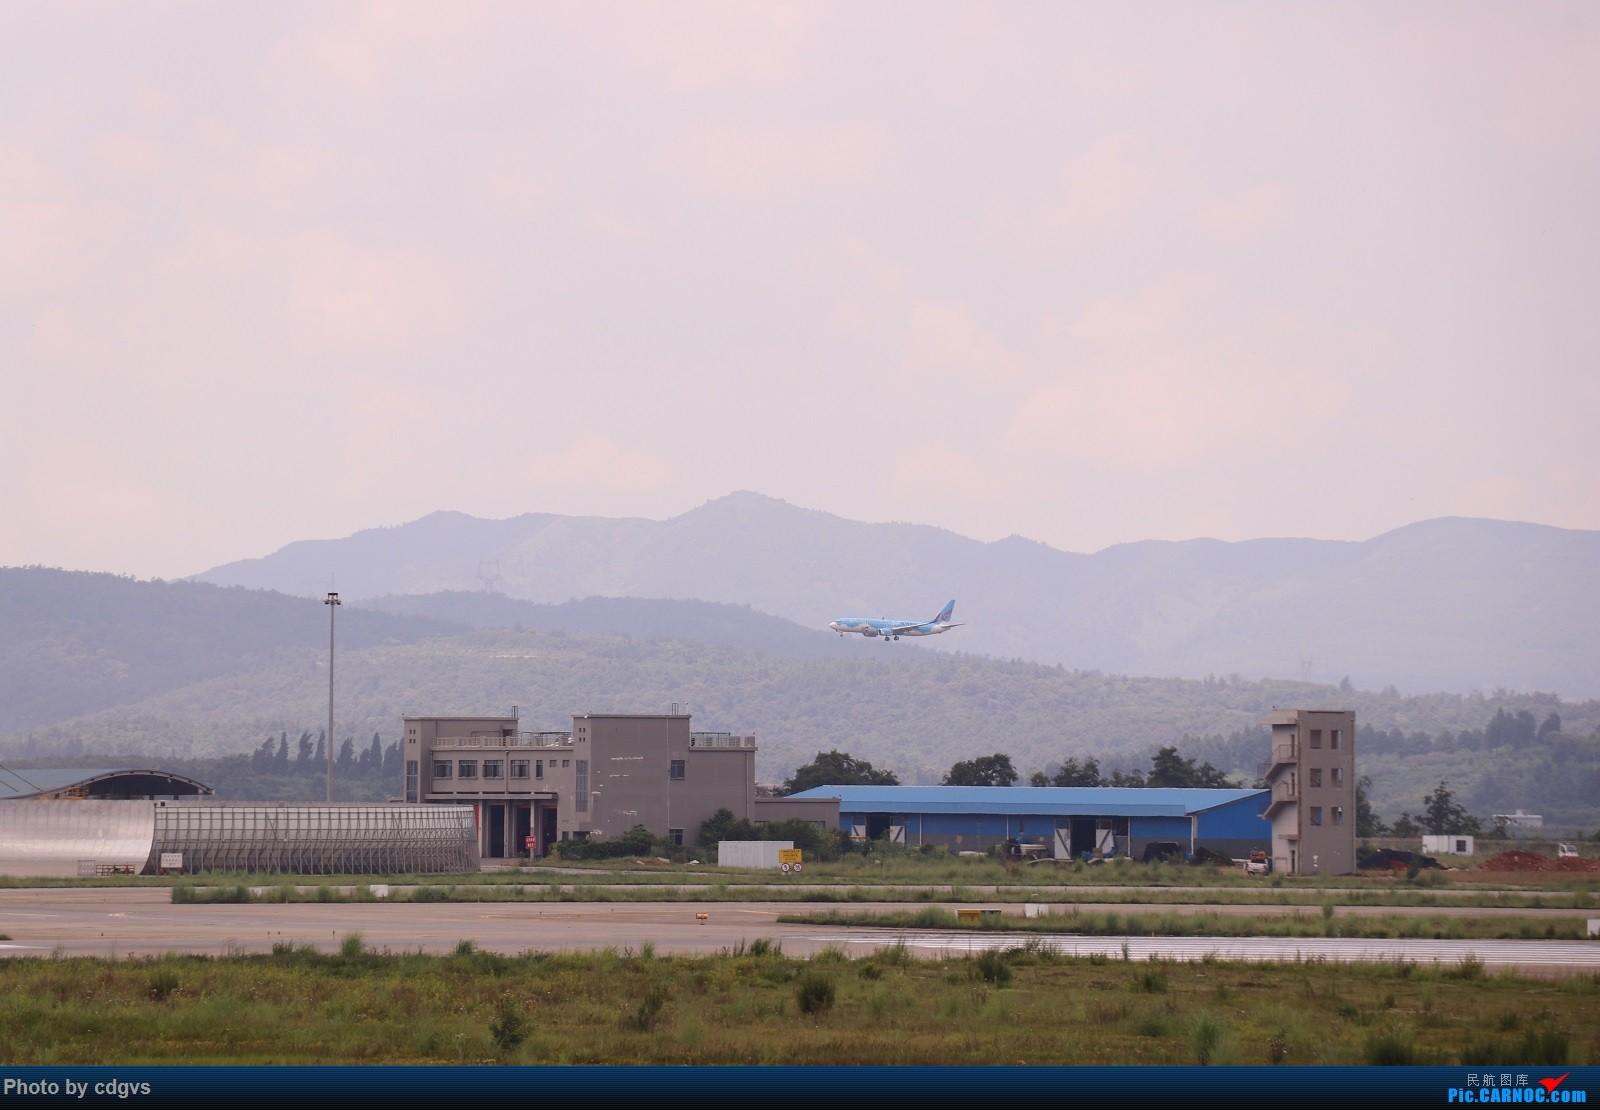 Re:[原创]【KMG】昆明的一天 1600大图 一次看个爽 BOEING 737-800 B-1991 中国昆明长水国际机场